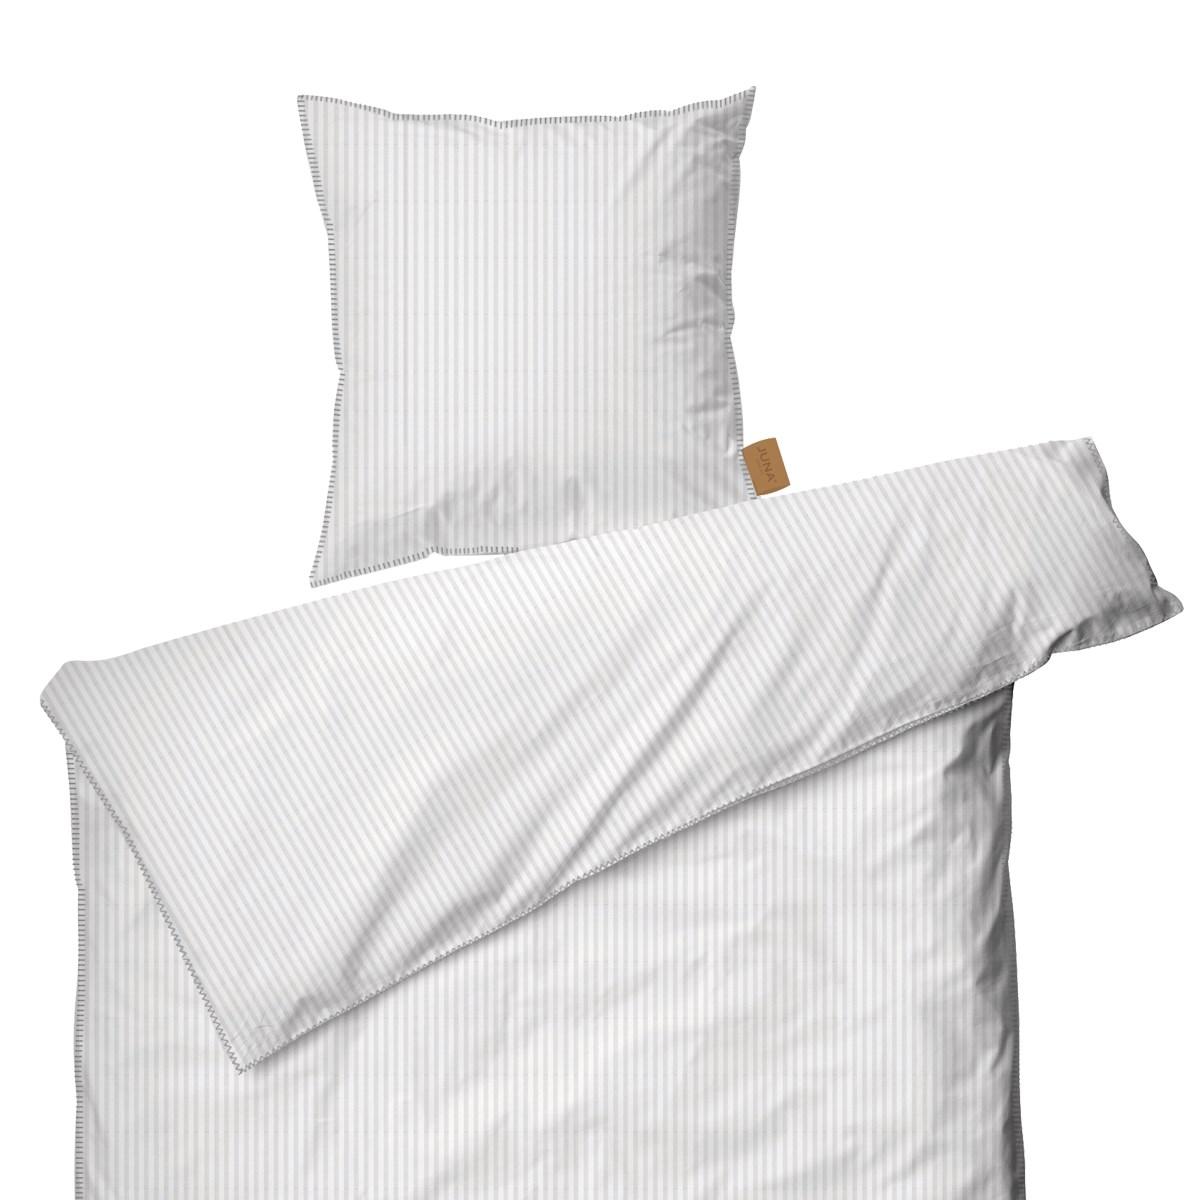 Fremragende Juna Spiga, Sengesæt, 140x200 cm, hvid sengetøj - Skiftselv.dk YX82